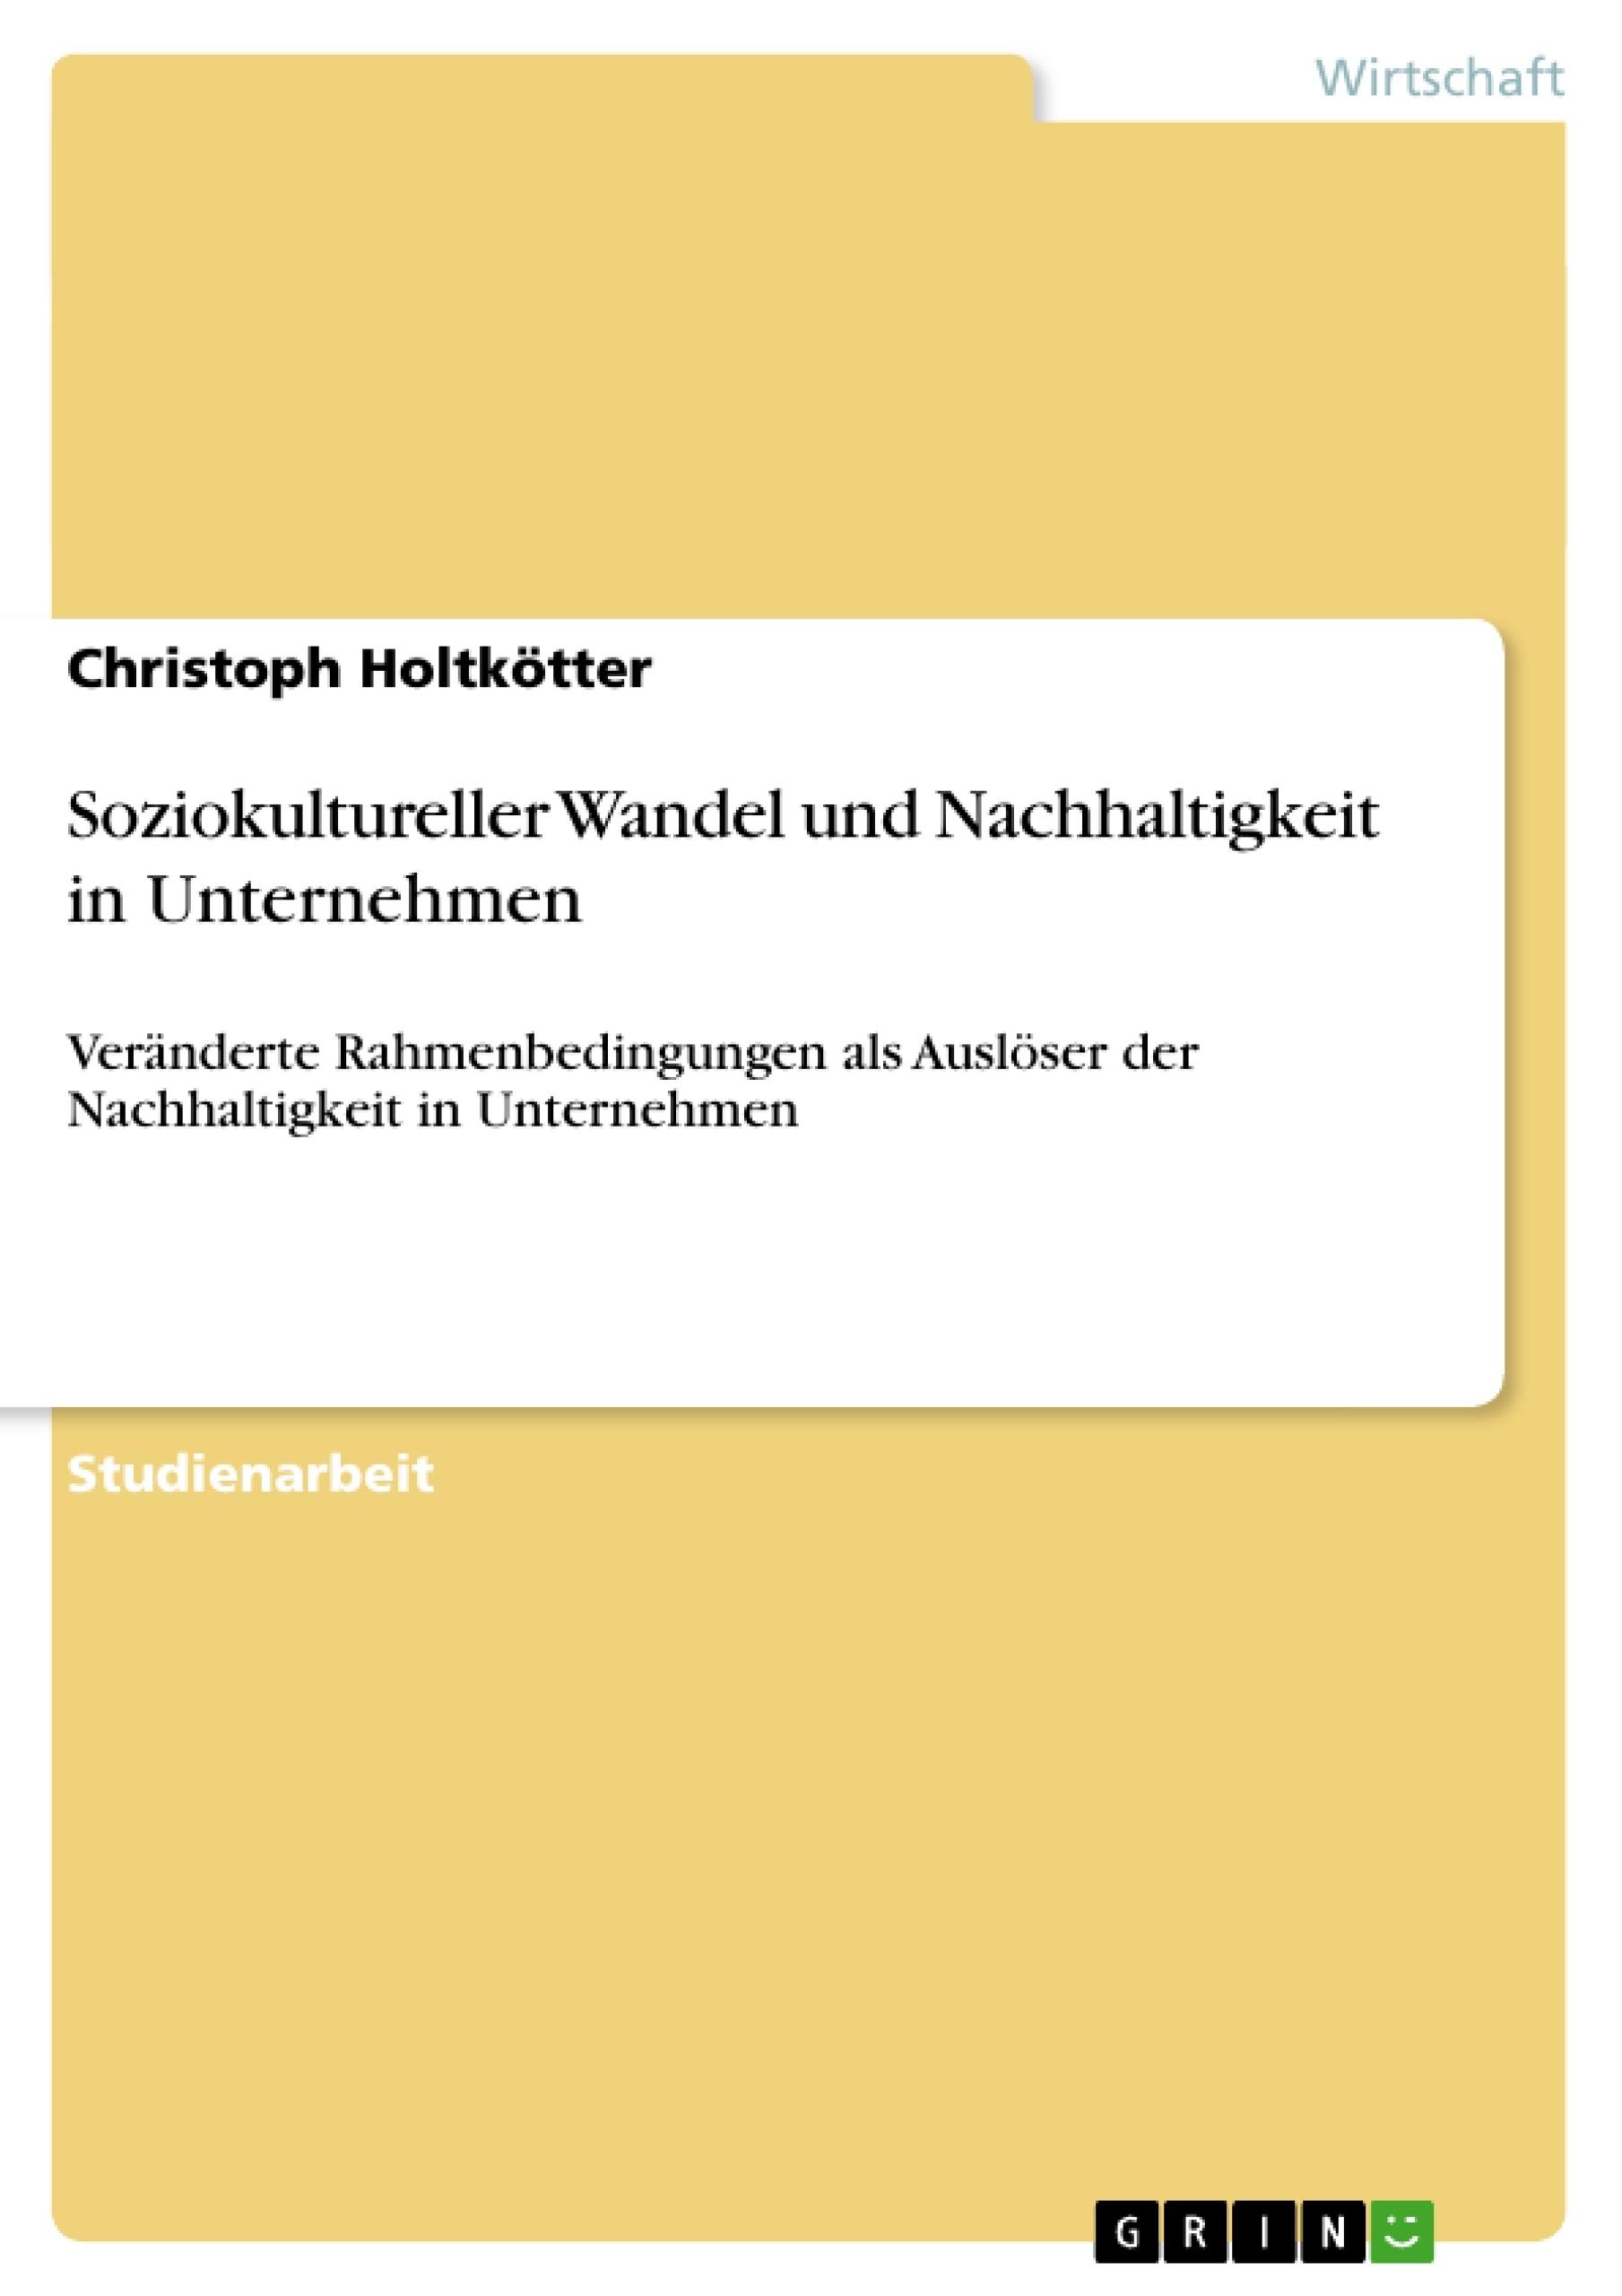 Titel: Soziokultureller Wandel und Nachhaltigkeit in Unternehmen